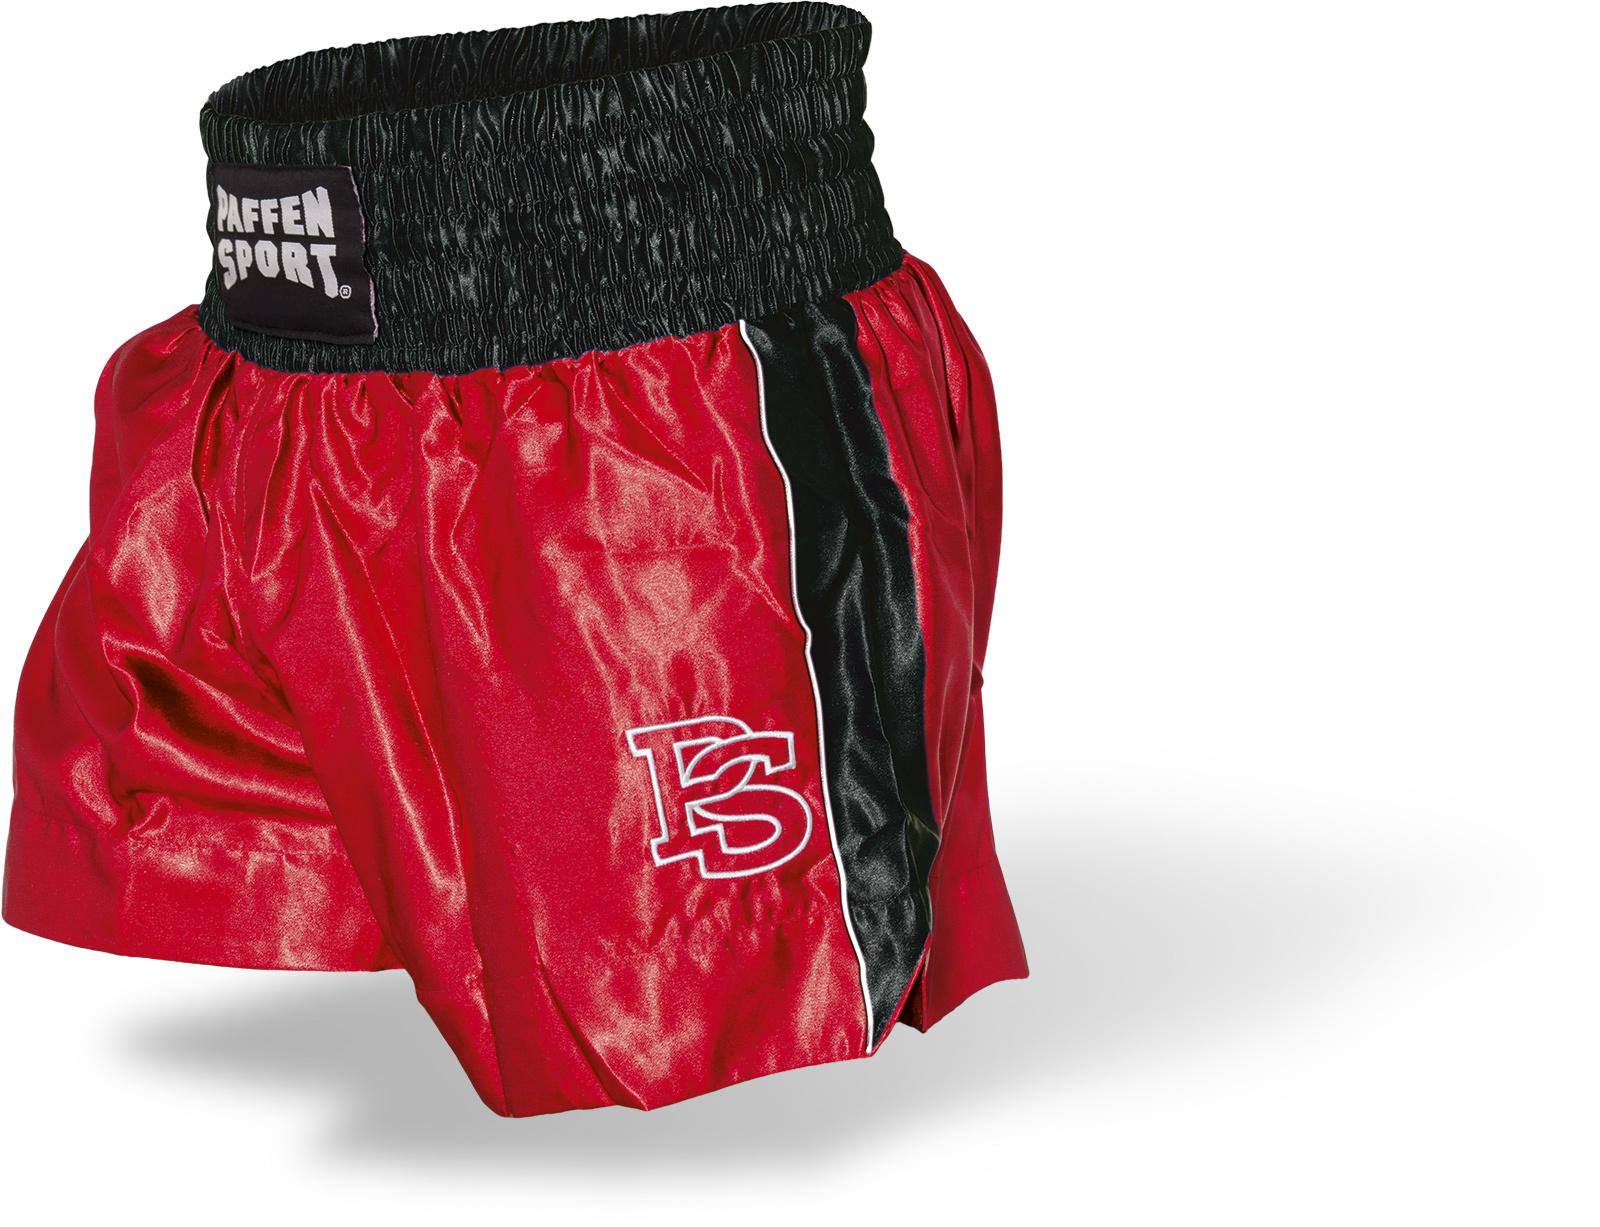 Тайские шорты для соревнований Paffen Sport